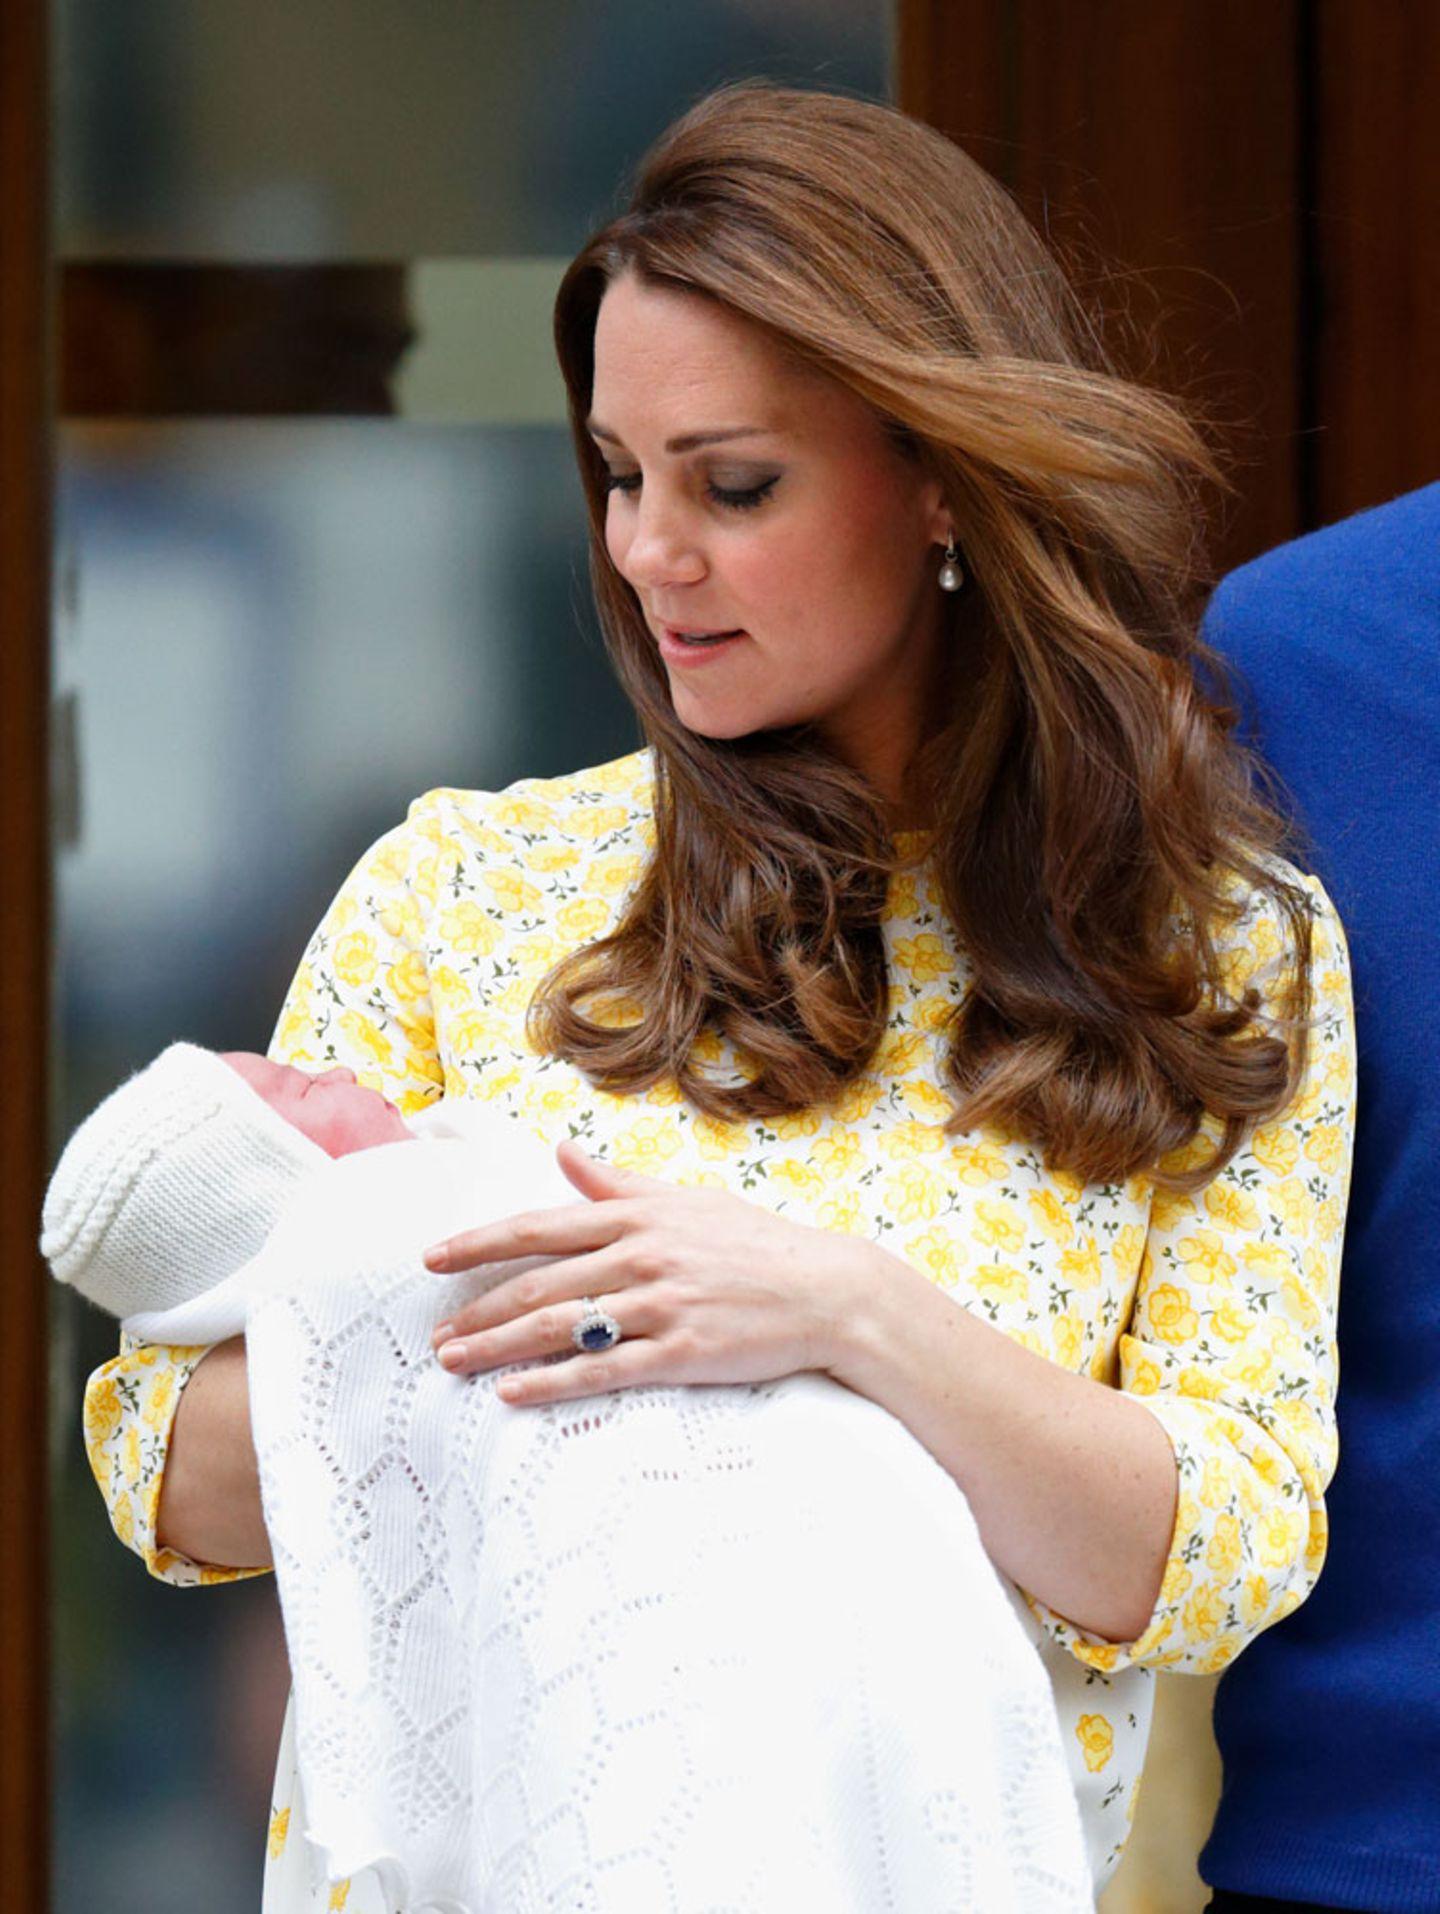 """Wenn der offizielle Teil vorbei ist, zieht sich die junge Familie erst einmal zurück: Geplant ist, dass Kate und die Kinder die nächsten Jahre erst einmal auf dem Land in Norfolk verbringen werden. Wirklich """"zurückgezogen"""" ohne jegliche Presse wird es wohl auch da nicht zugehen - aber zumindest wesentlich entspannter als in London."""